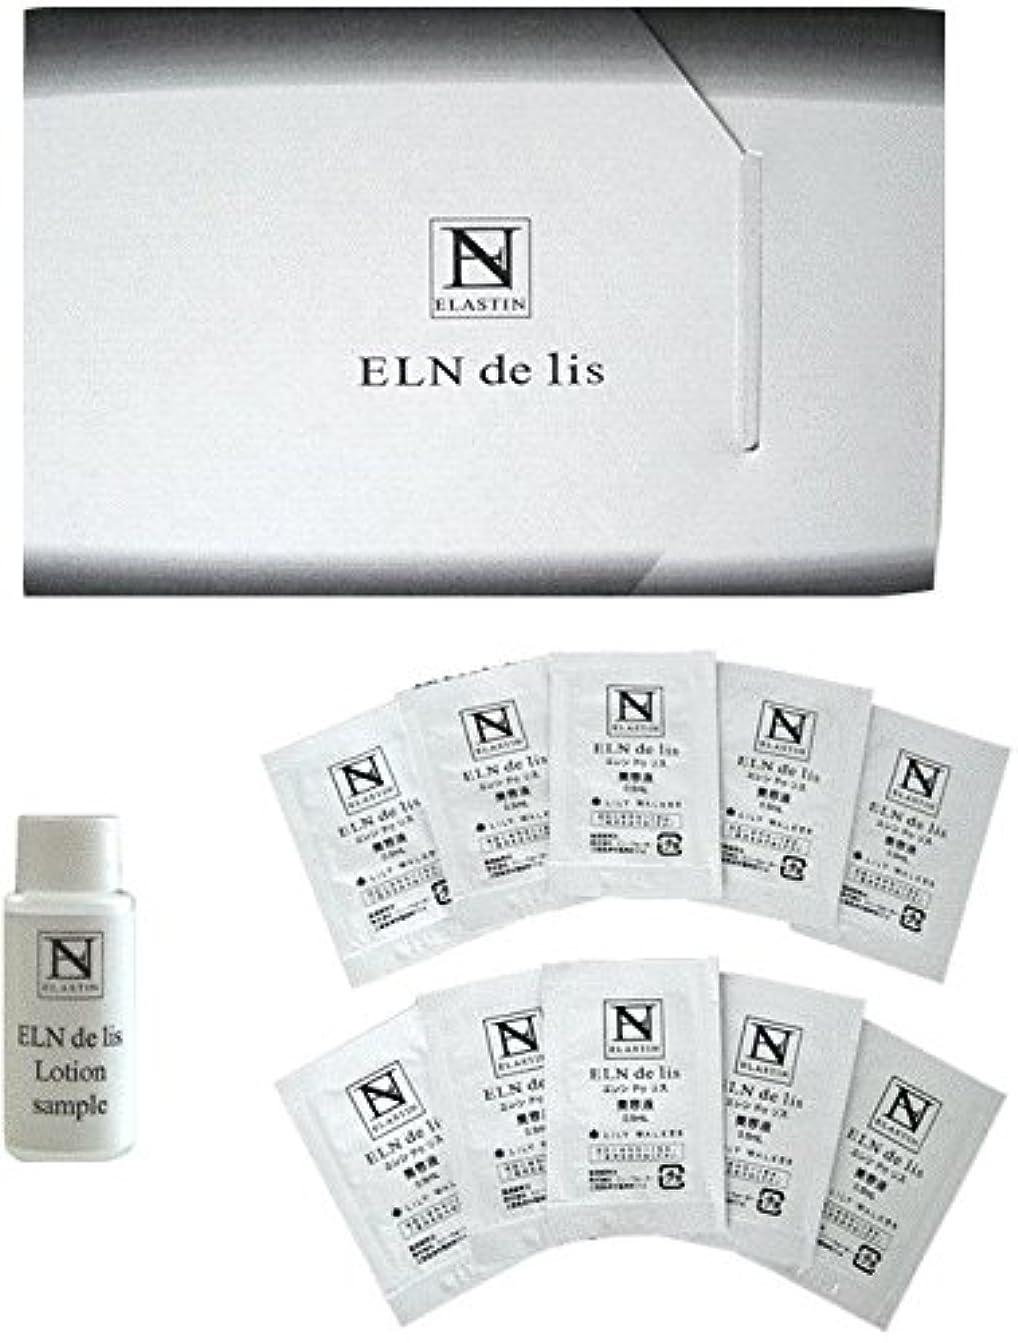 勝つ軍注ぎます生エラスチン配合美容液 エレンドゥリス?10回分トライアルセット 化粧水付き